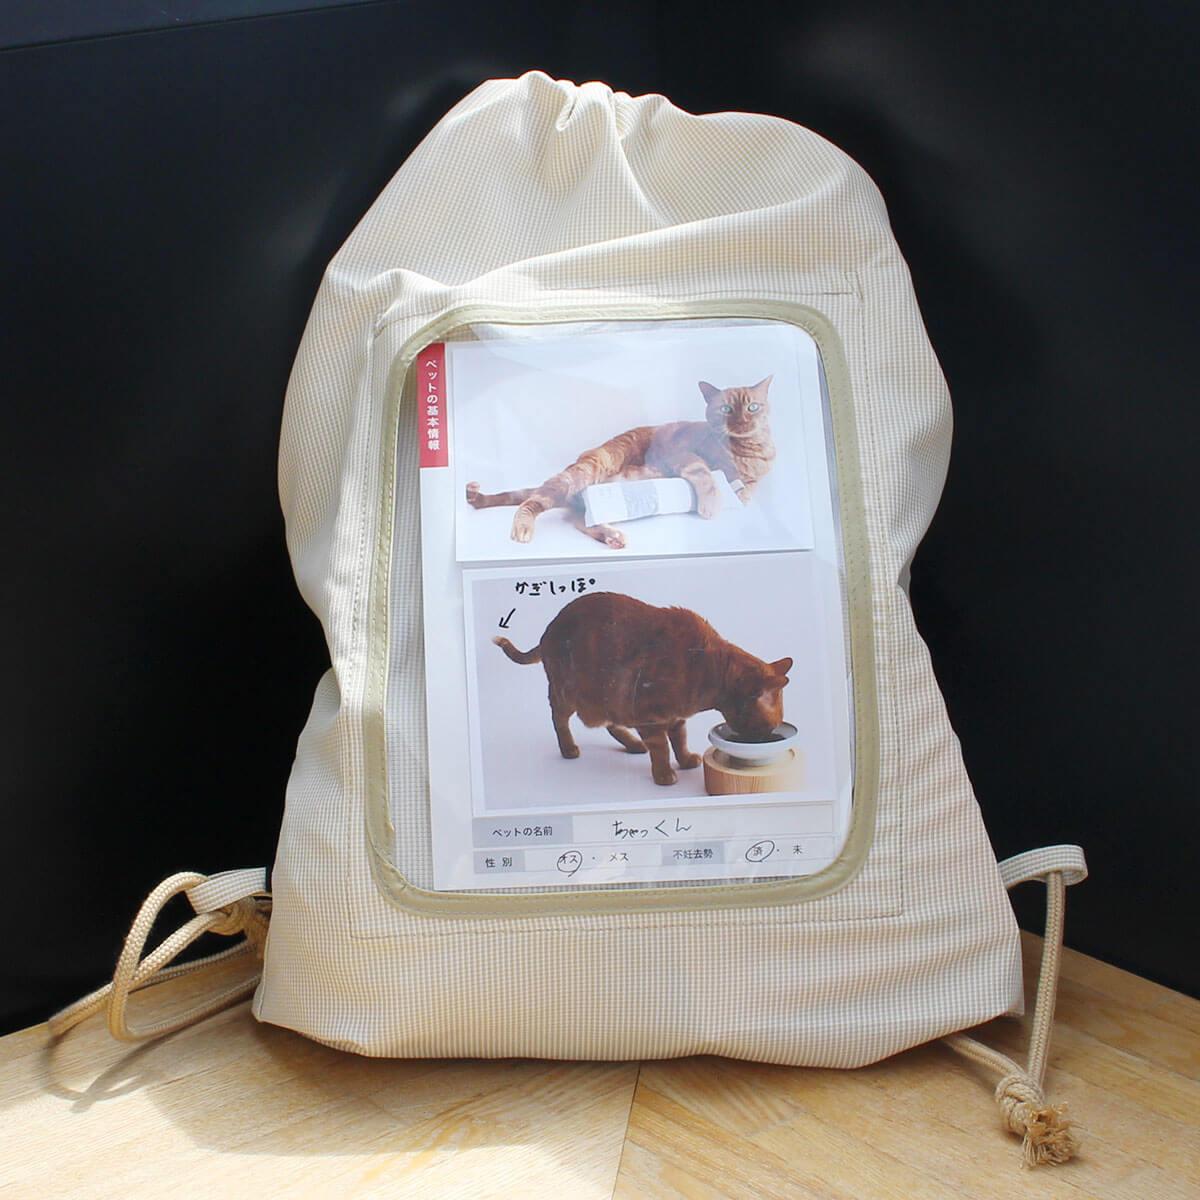 猫 防災用品 nekozuki 防災セット リュック 食器 折りたたみ トイレ 猫砂 消臭袋 防災カード 迷子チラシ ステッカー